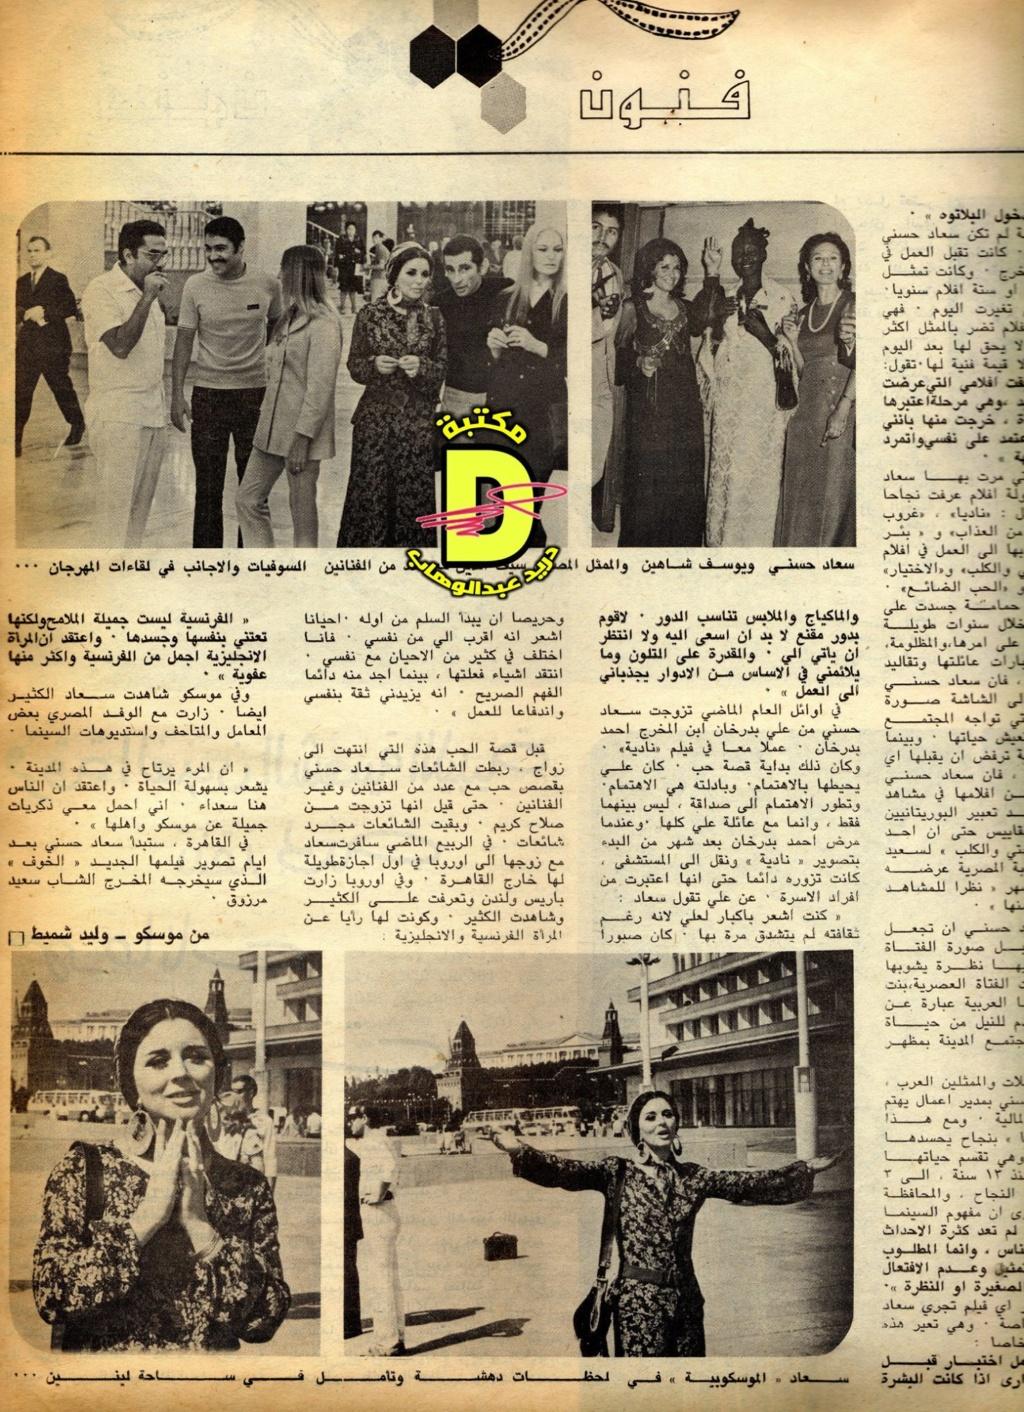 مقال صحفي : سعاد حسني .. الناس والنيل .. وموسكو 1971 م 325